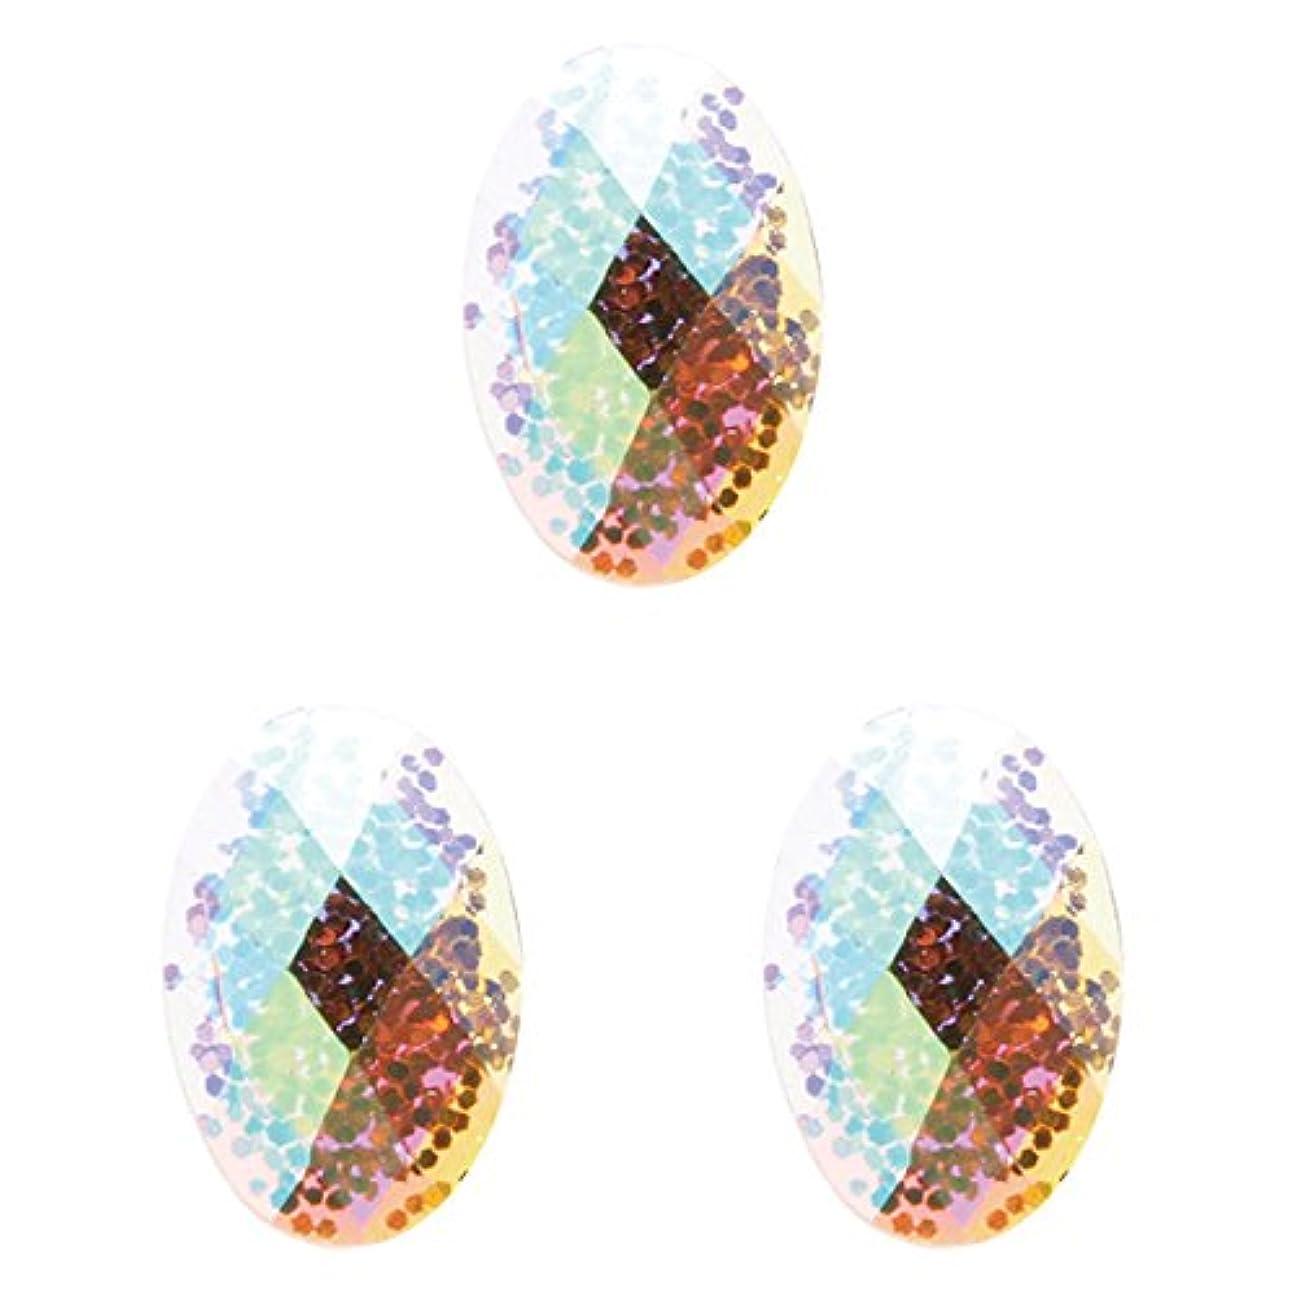 兄弟愛薬検索エンジン最適化<エトゥベラ>ブリリアントストーン オーバル4×6mm(各30個) ジャンパン(4x6mm)